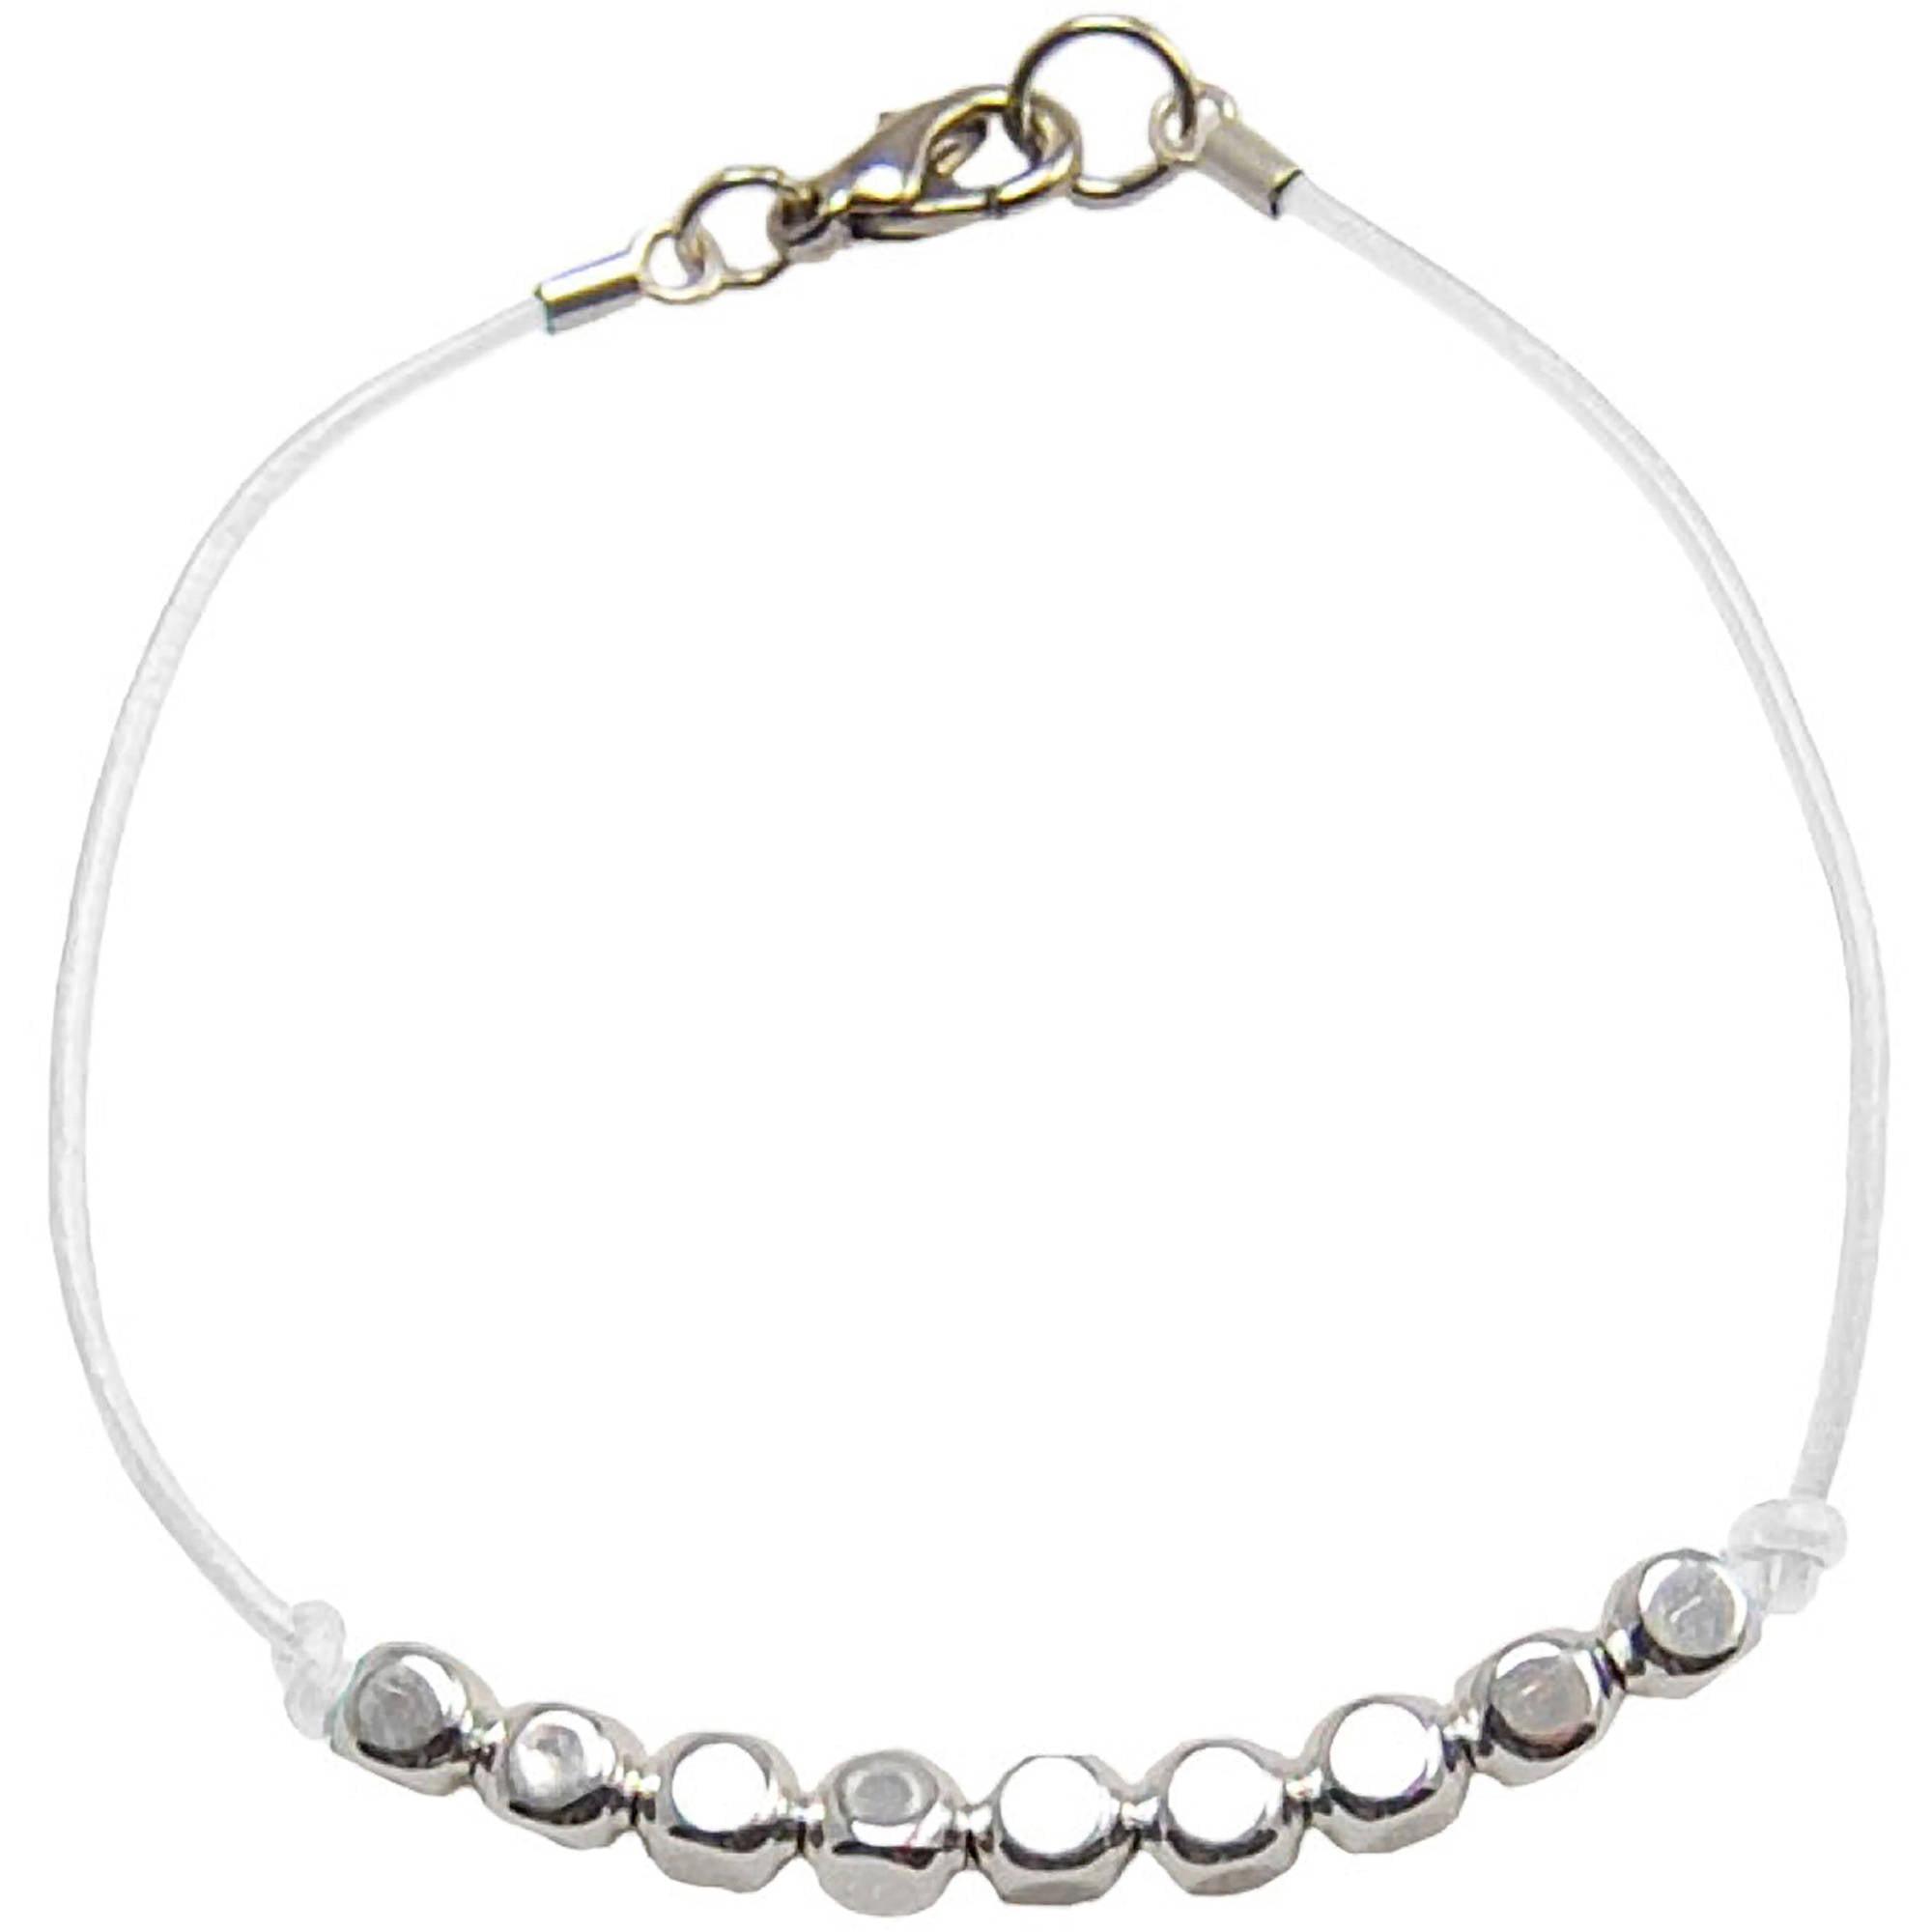 Miss Zoe by Calinana Dot Leather Bracelet, White/Silver